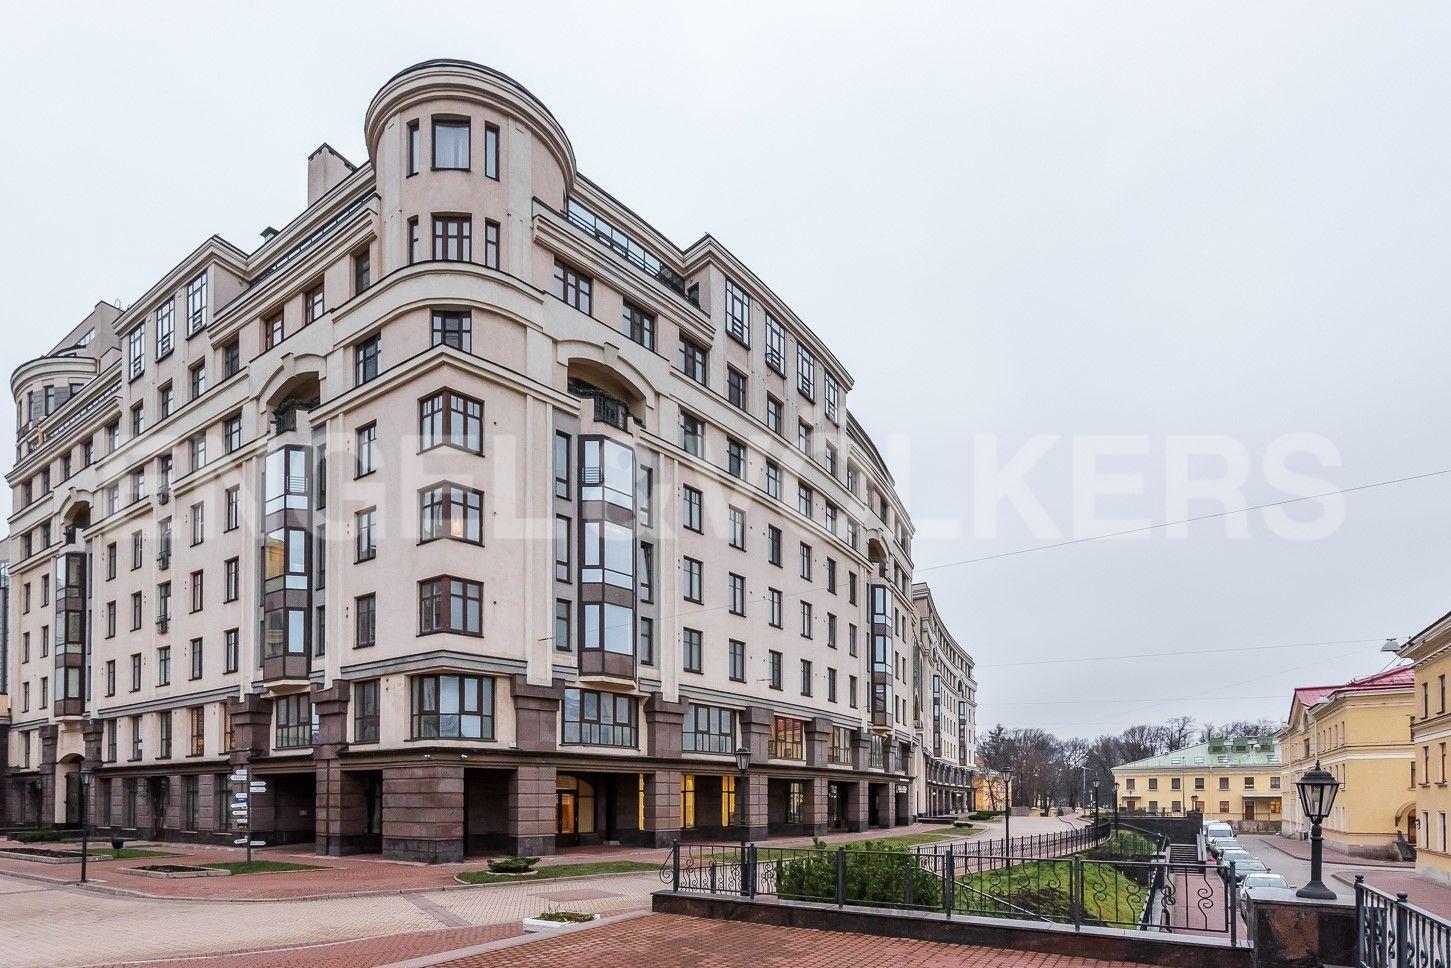 Элитные квартиры в Центральном районе. Санкт-Петербург, ул. Парадная, д. 3, к. 2. Расположение корпуса